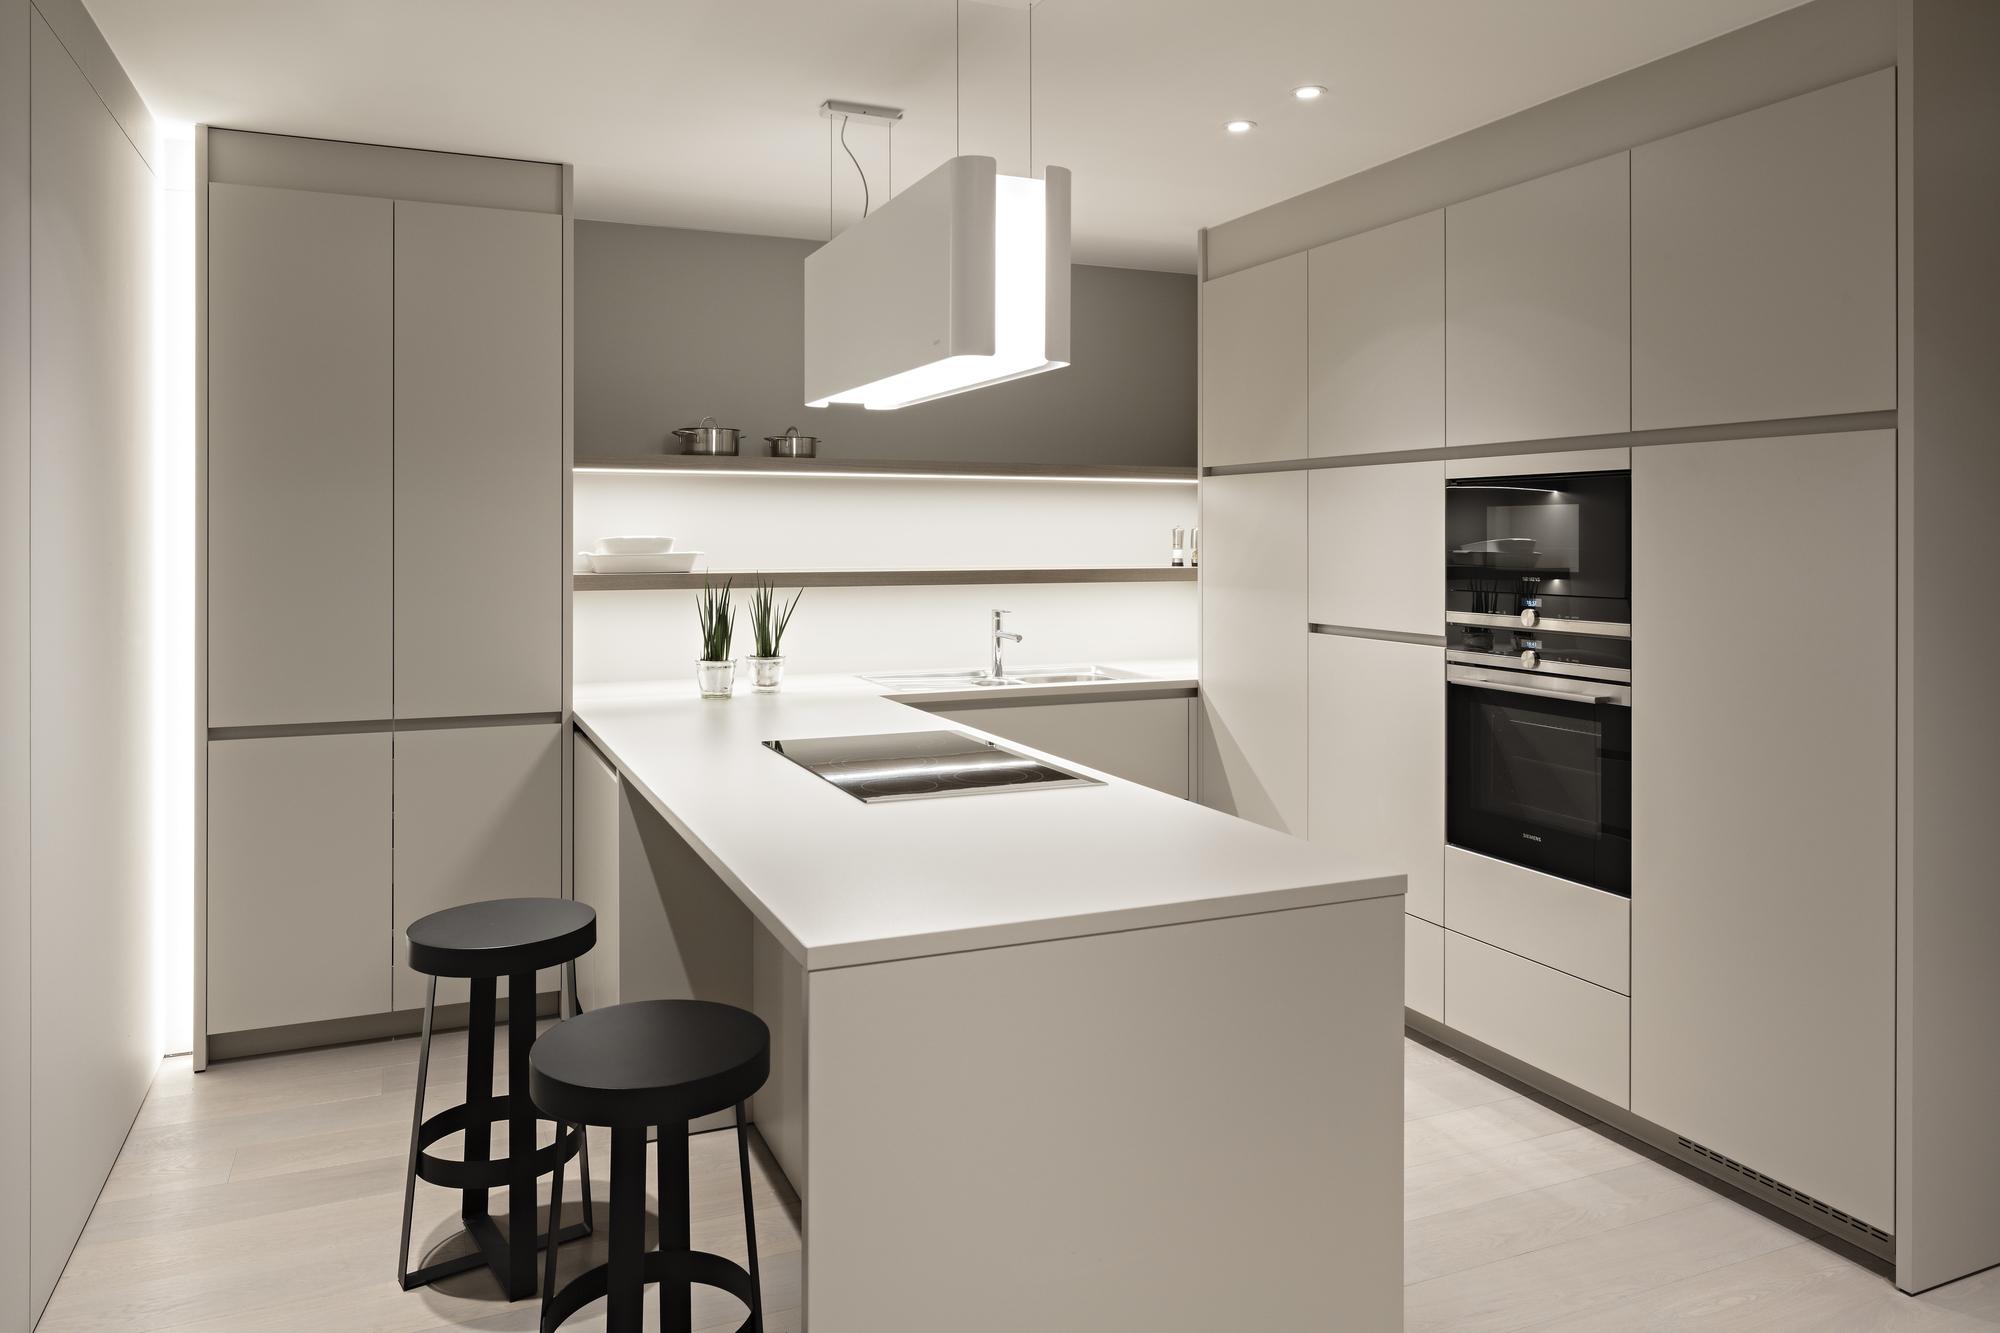 Moderne keuken onze realisaties trybou